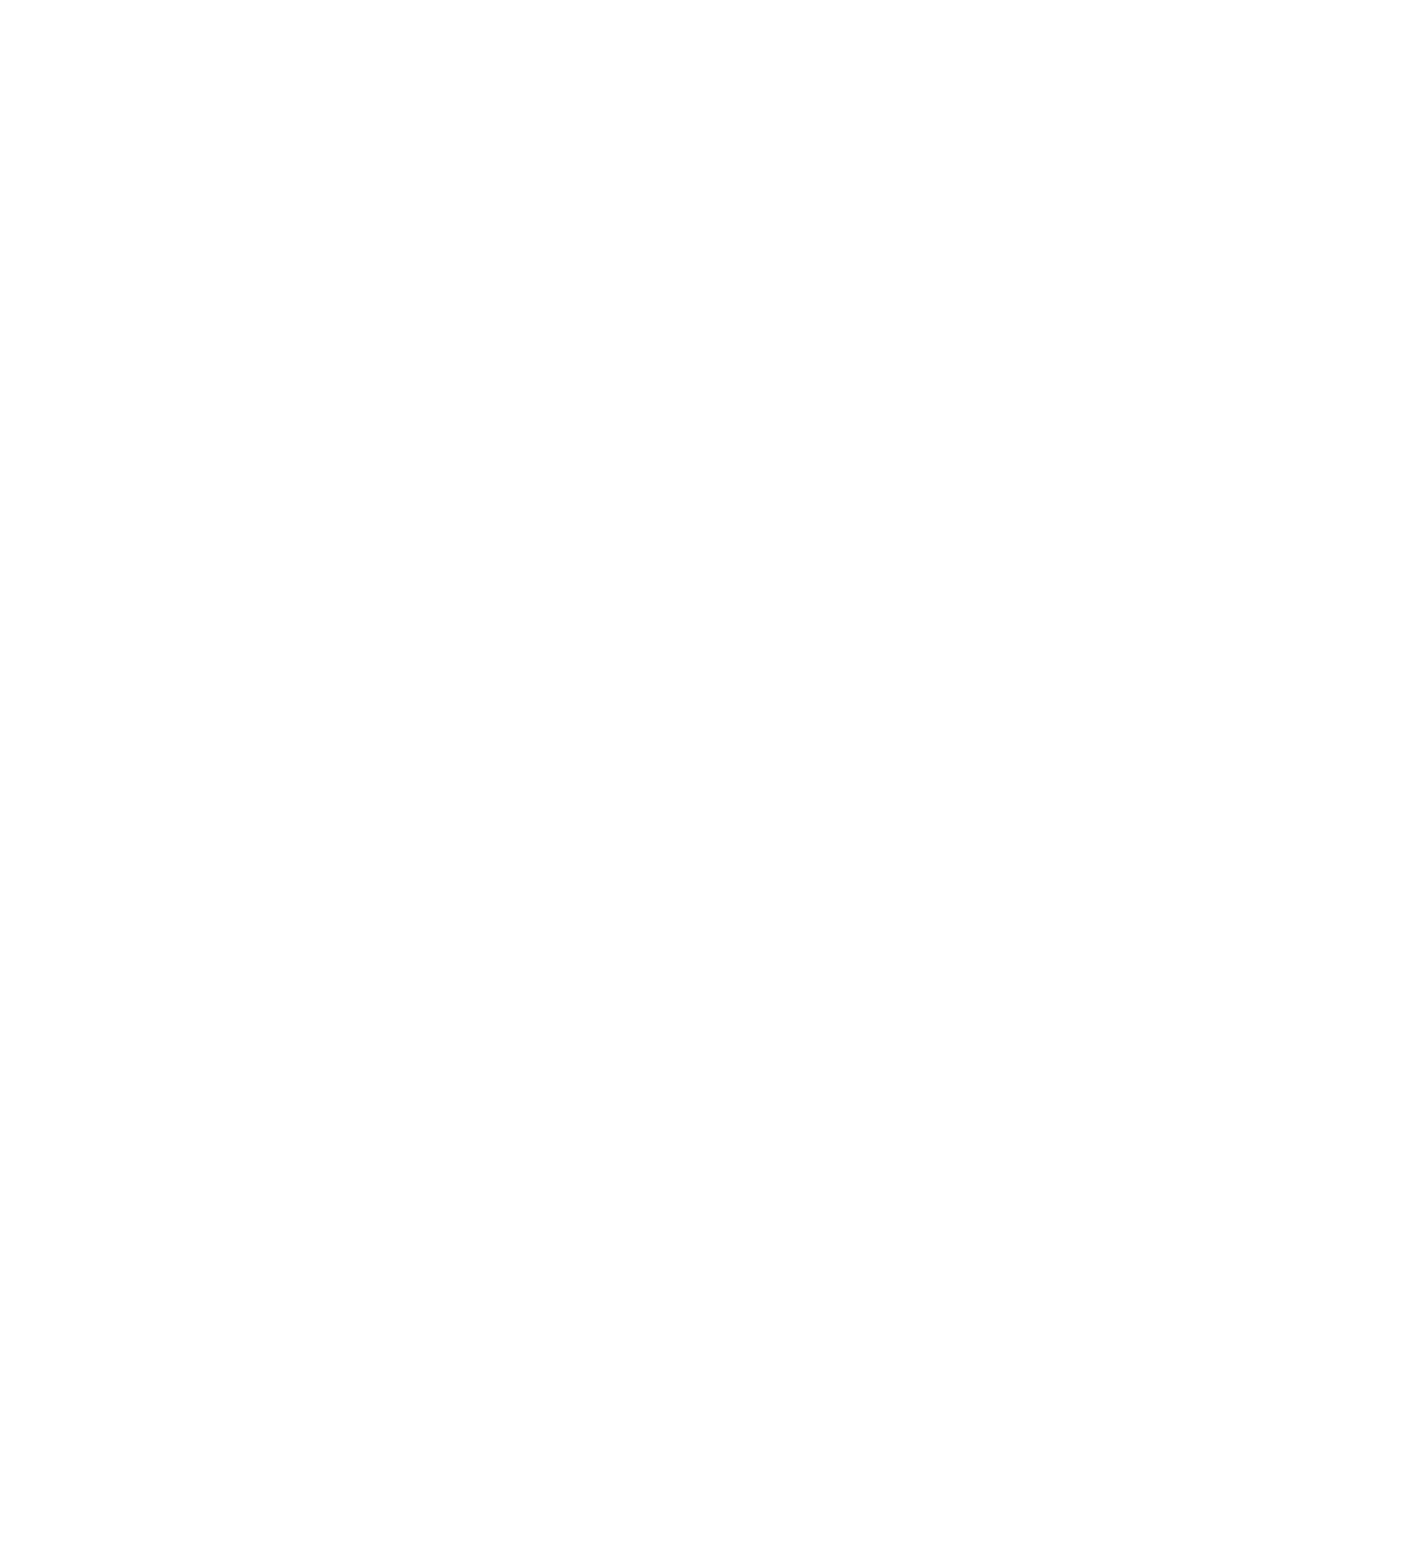 Logo CNCS blanc - 2019